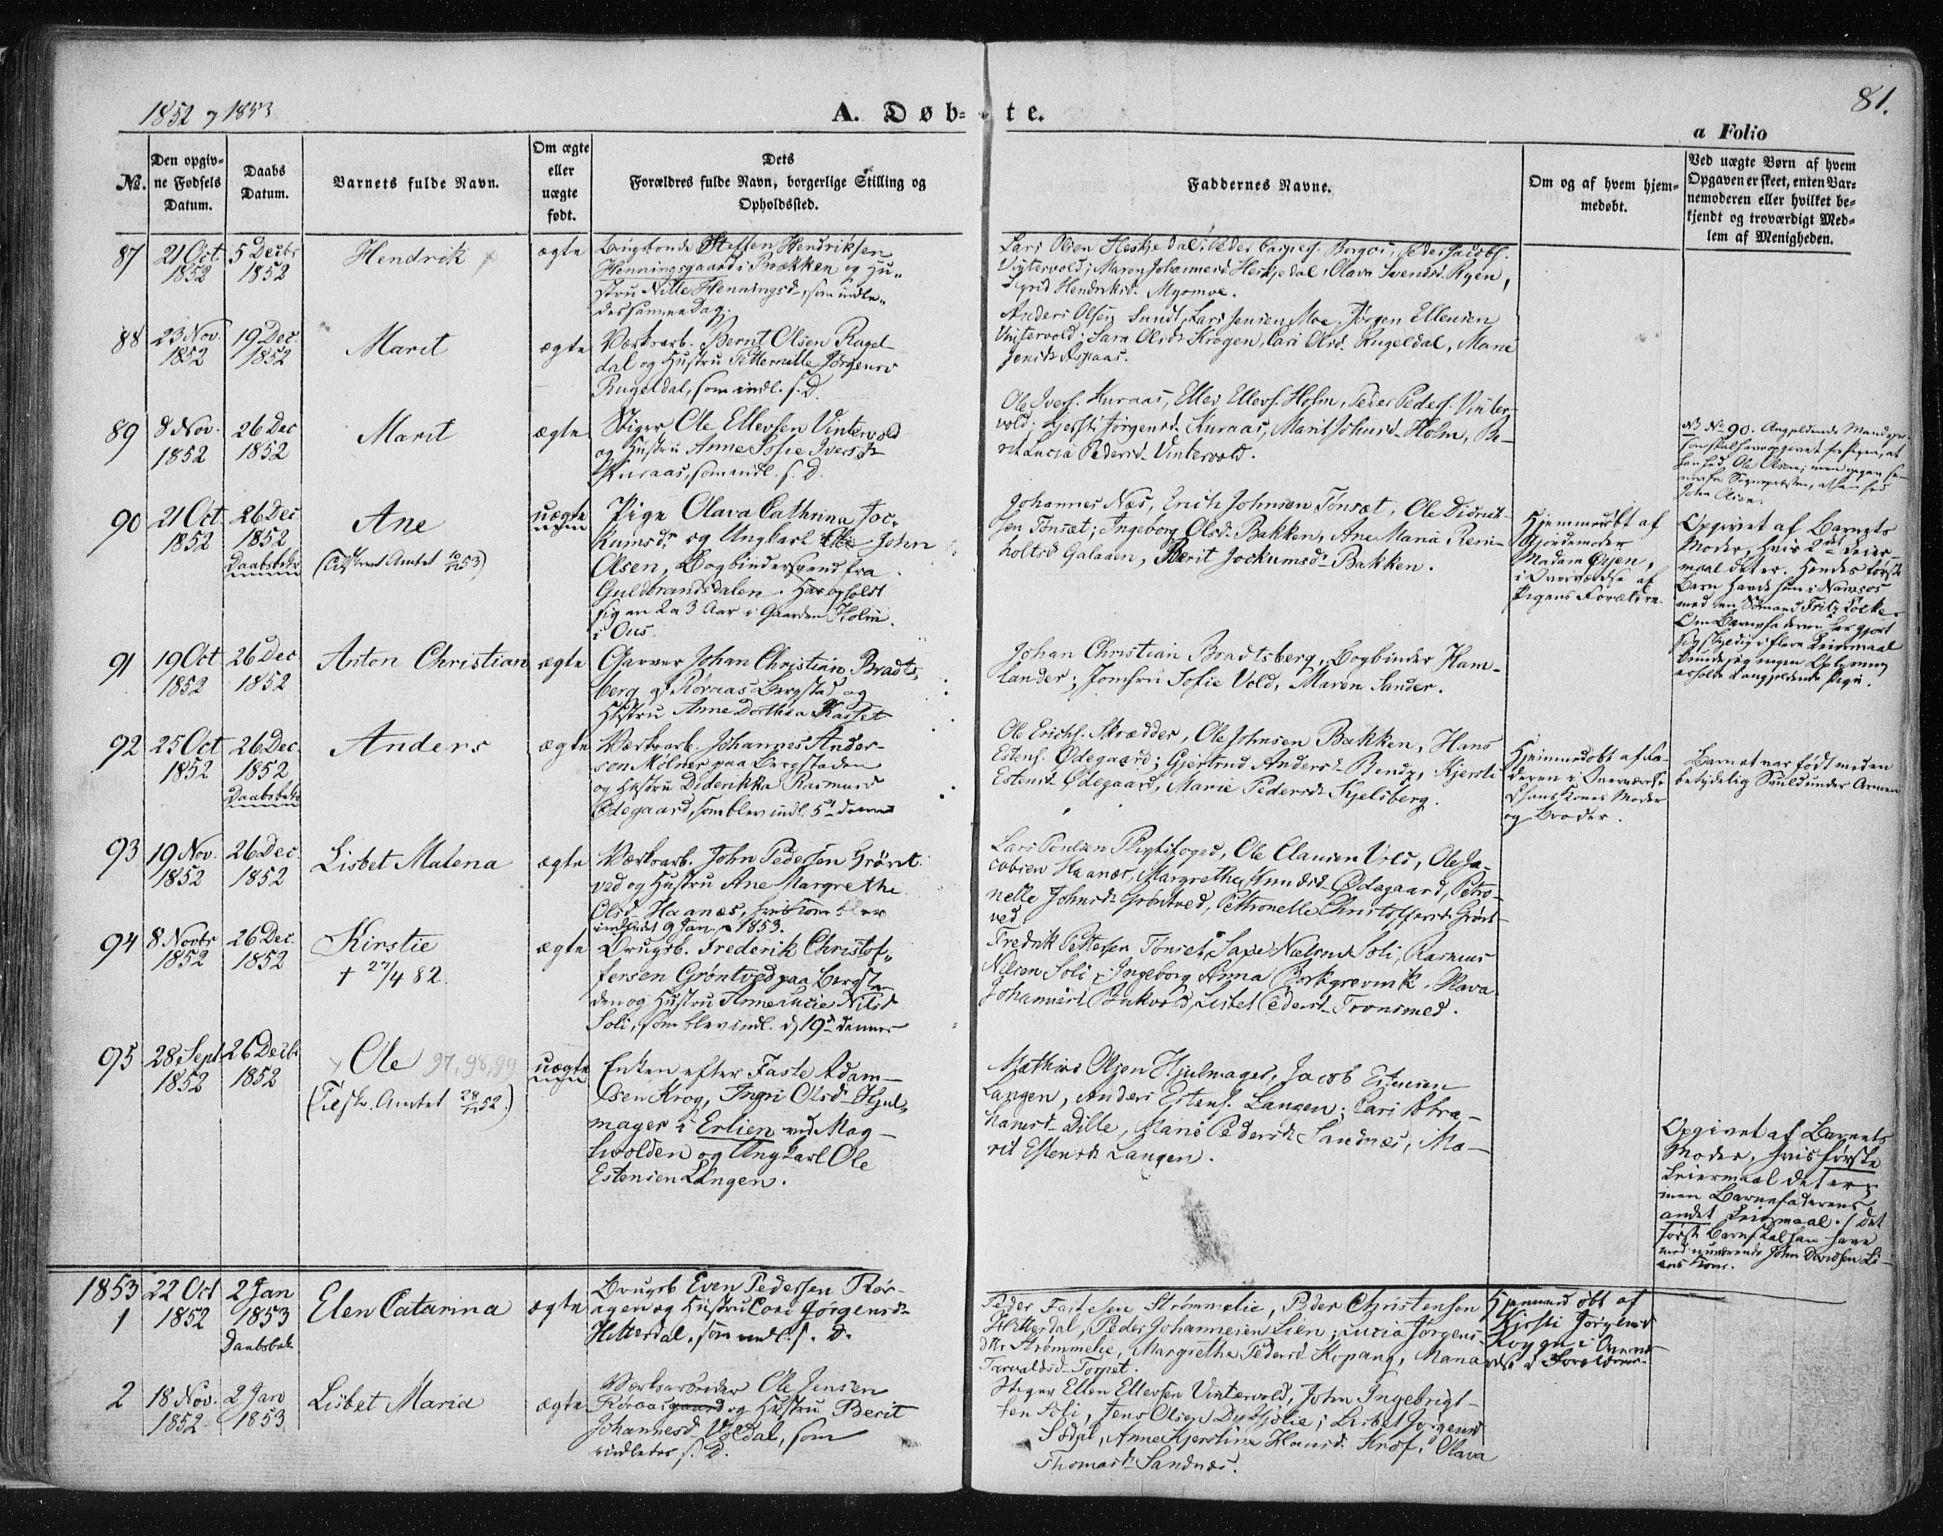 SAT, Ministerialprotokoller, klokkerbøker og fødselsregistre - Sør-Trøndelag, 681/L0931: Ministerialbok nr. 681A09, 1845-1859, s. 81